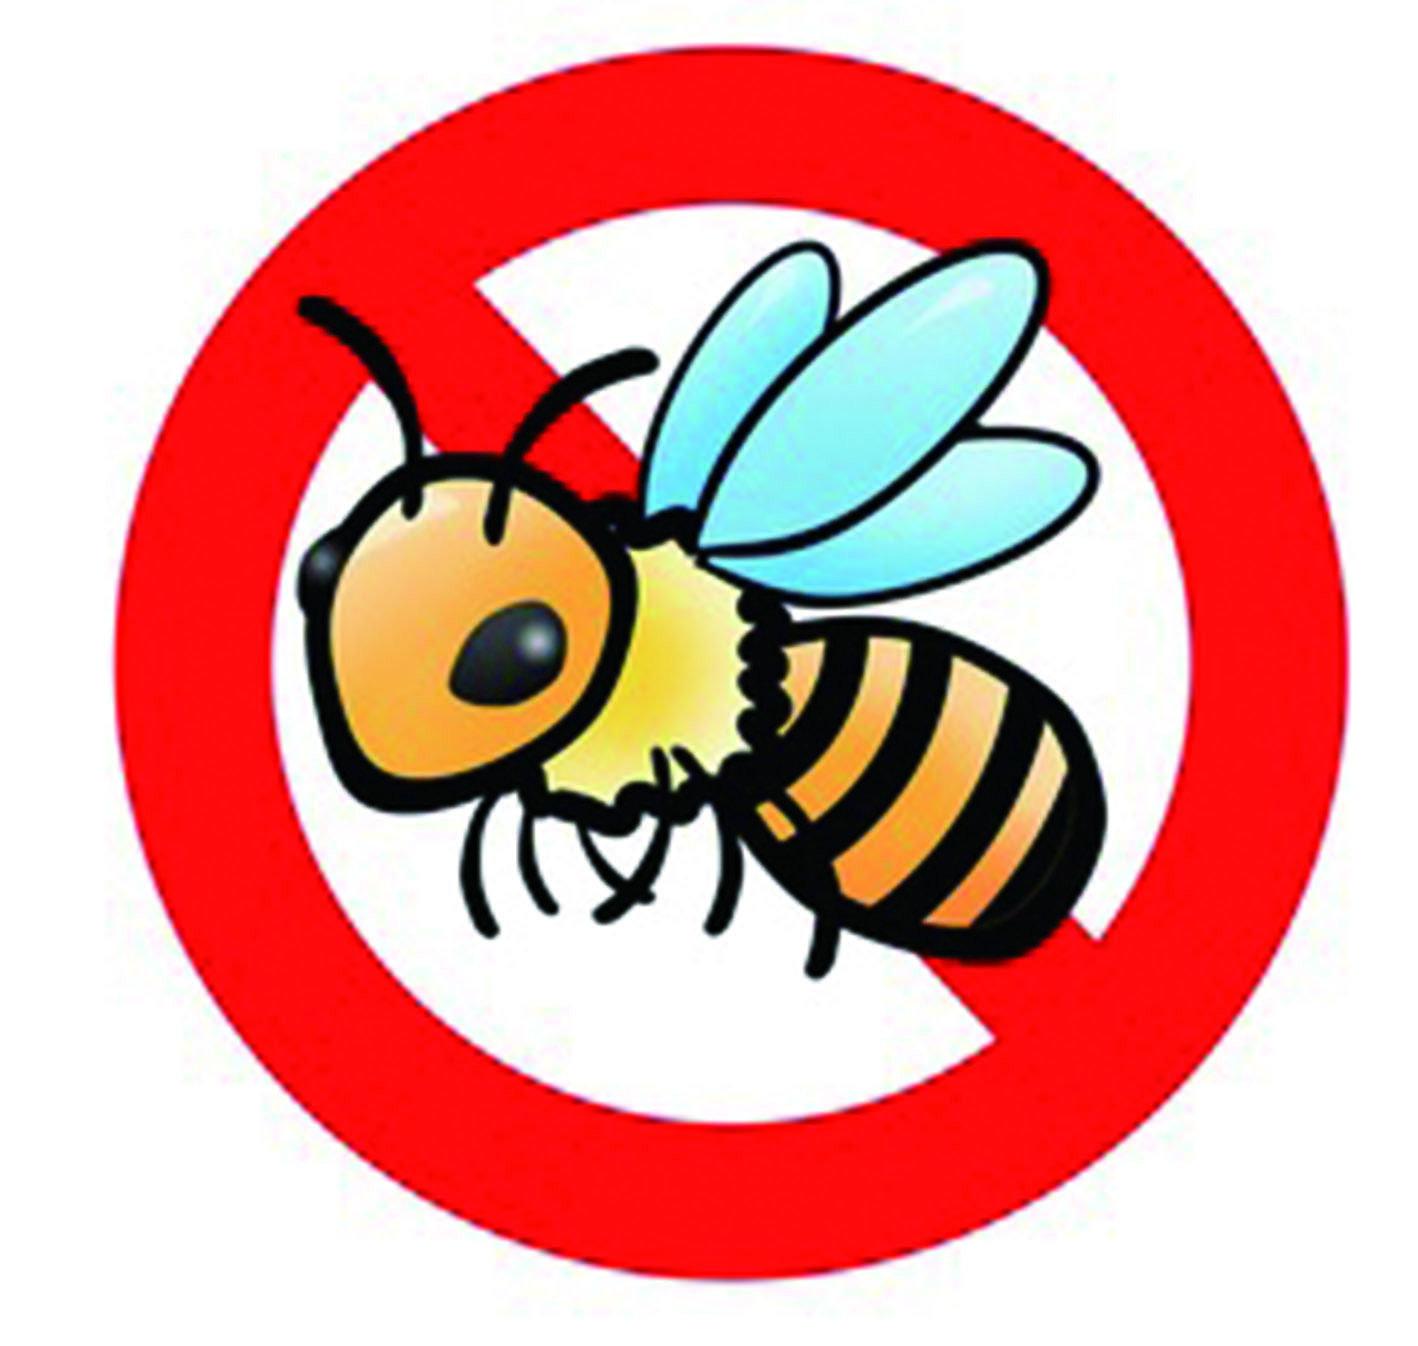 摘除蜂窩絕對是大家最不樂見的狀況,麻煩又危險。最好的狀況是,一開始就避免蜜蜂在屋內或屋簷築巢,從根源下手來避免後續的問題。